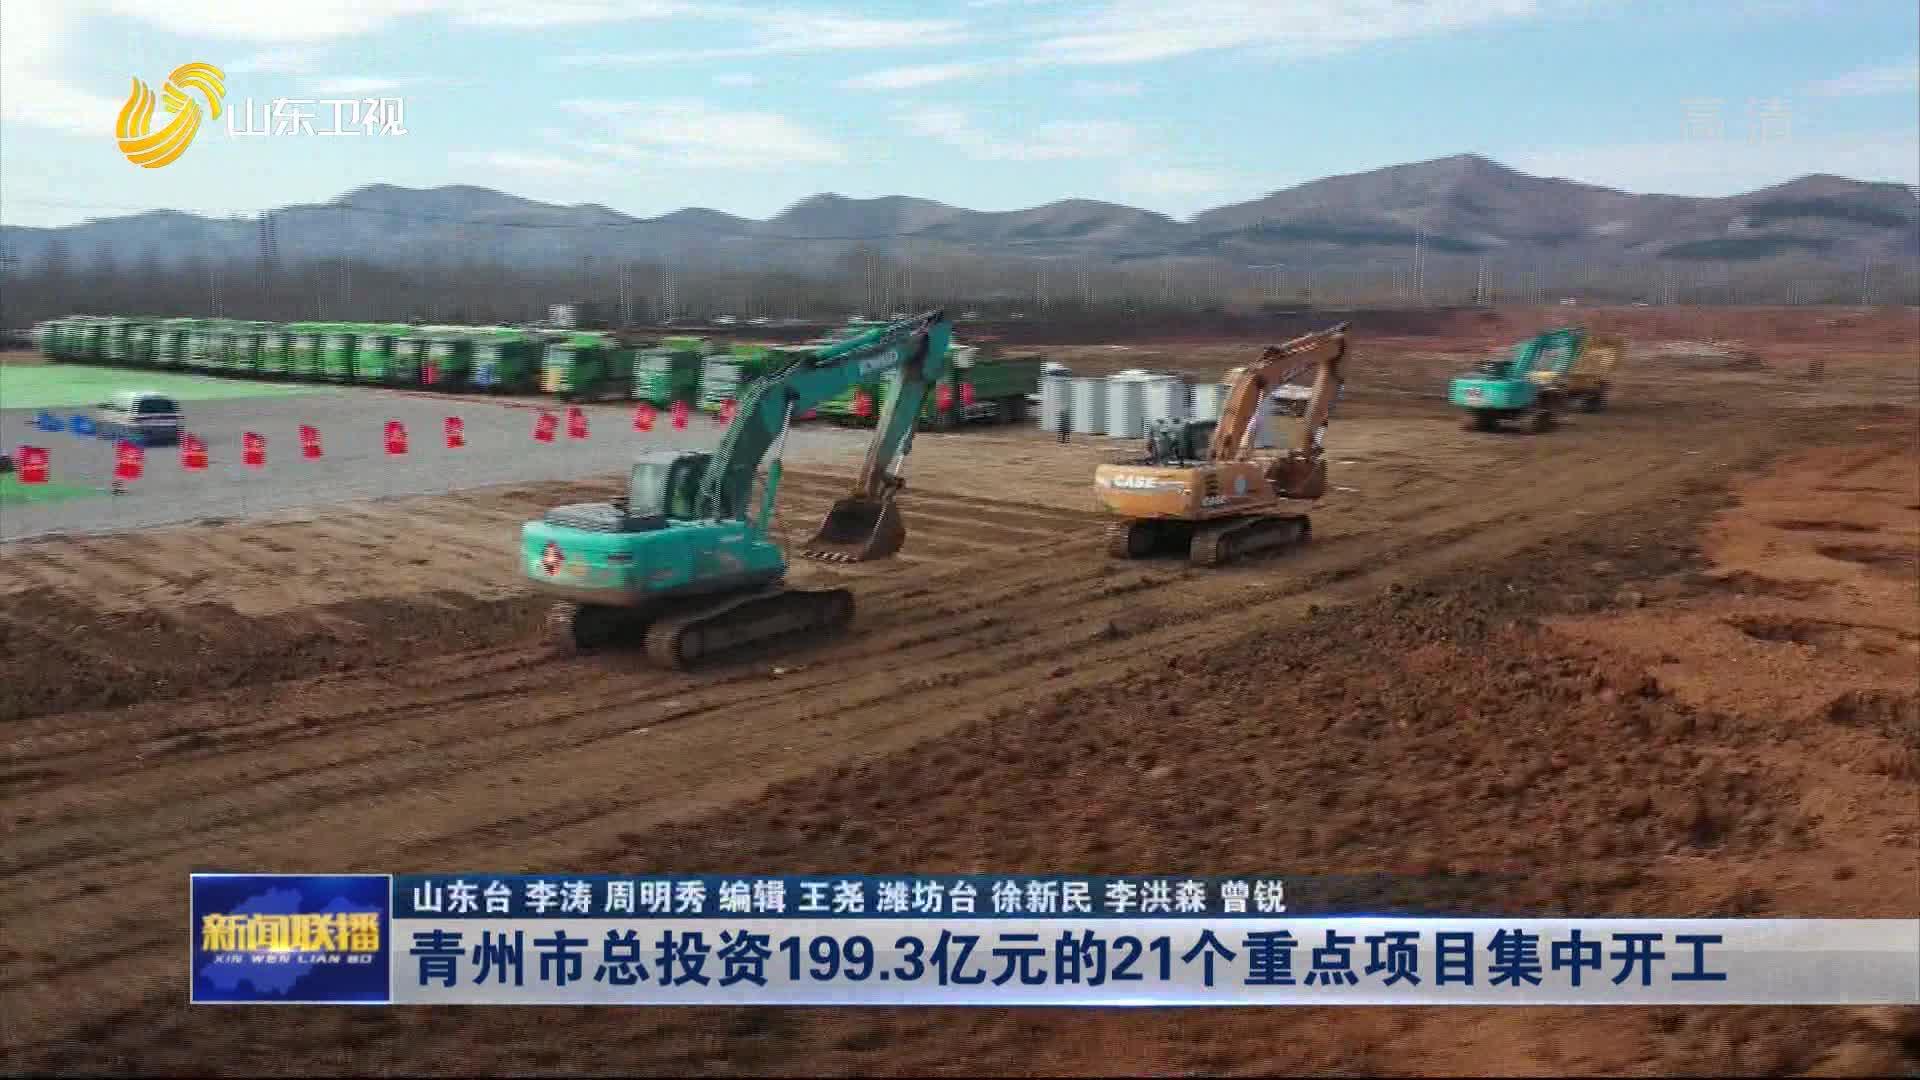 青州市总投资199.3亿元的21个重点项目集中开工